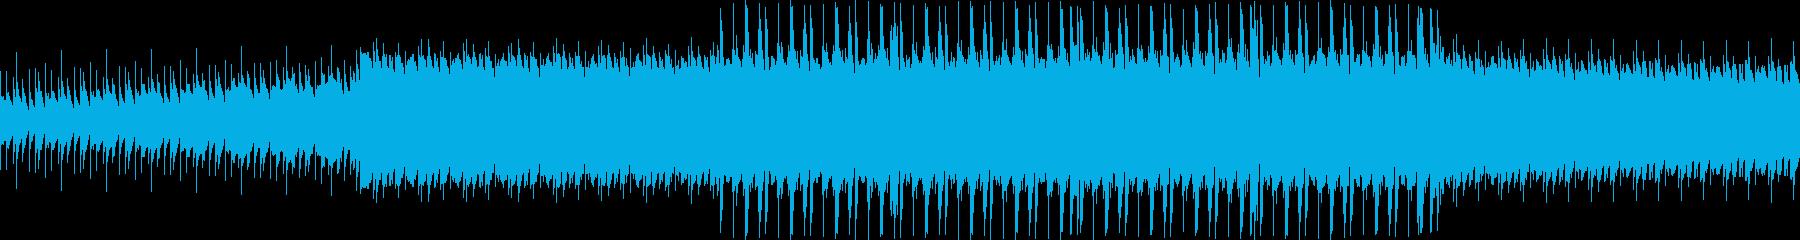 マリンバによる不思議なループ曲の再生済みの波形